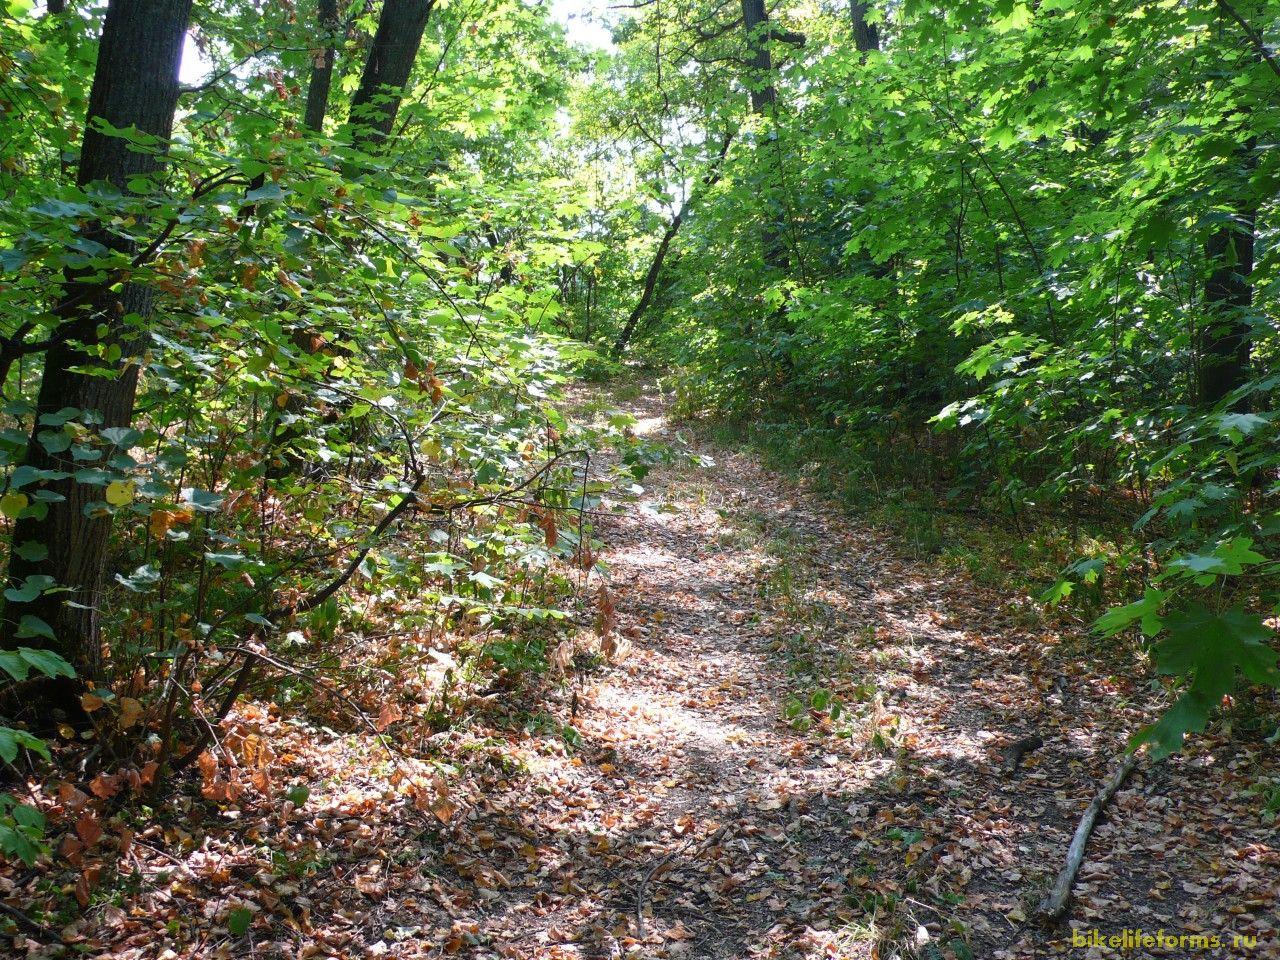 Иногда дорога заканчивалась, но мы не сдавались. На покорение данного небольшого лесного массива у нас ушло более 2 часов.